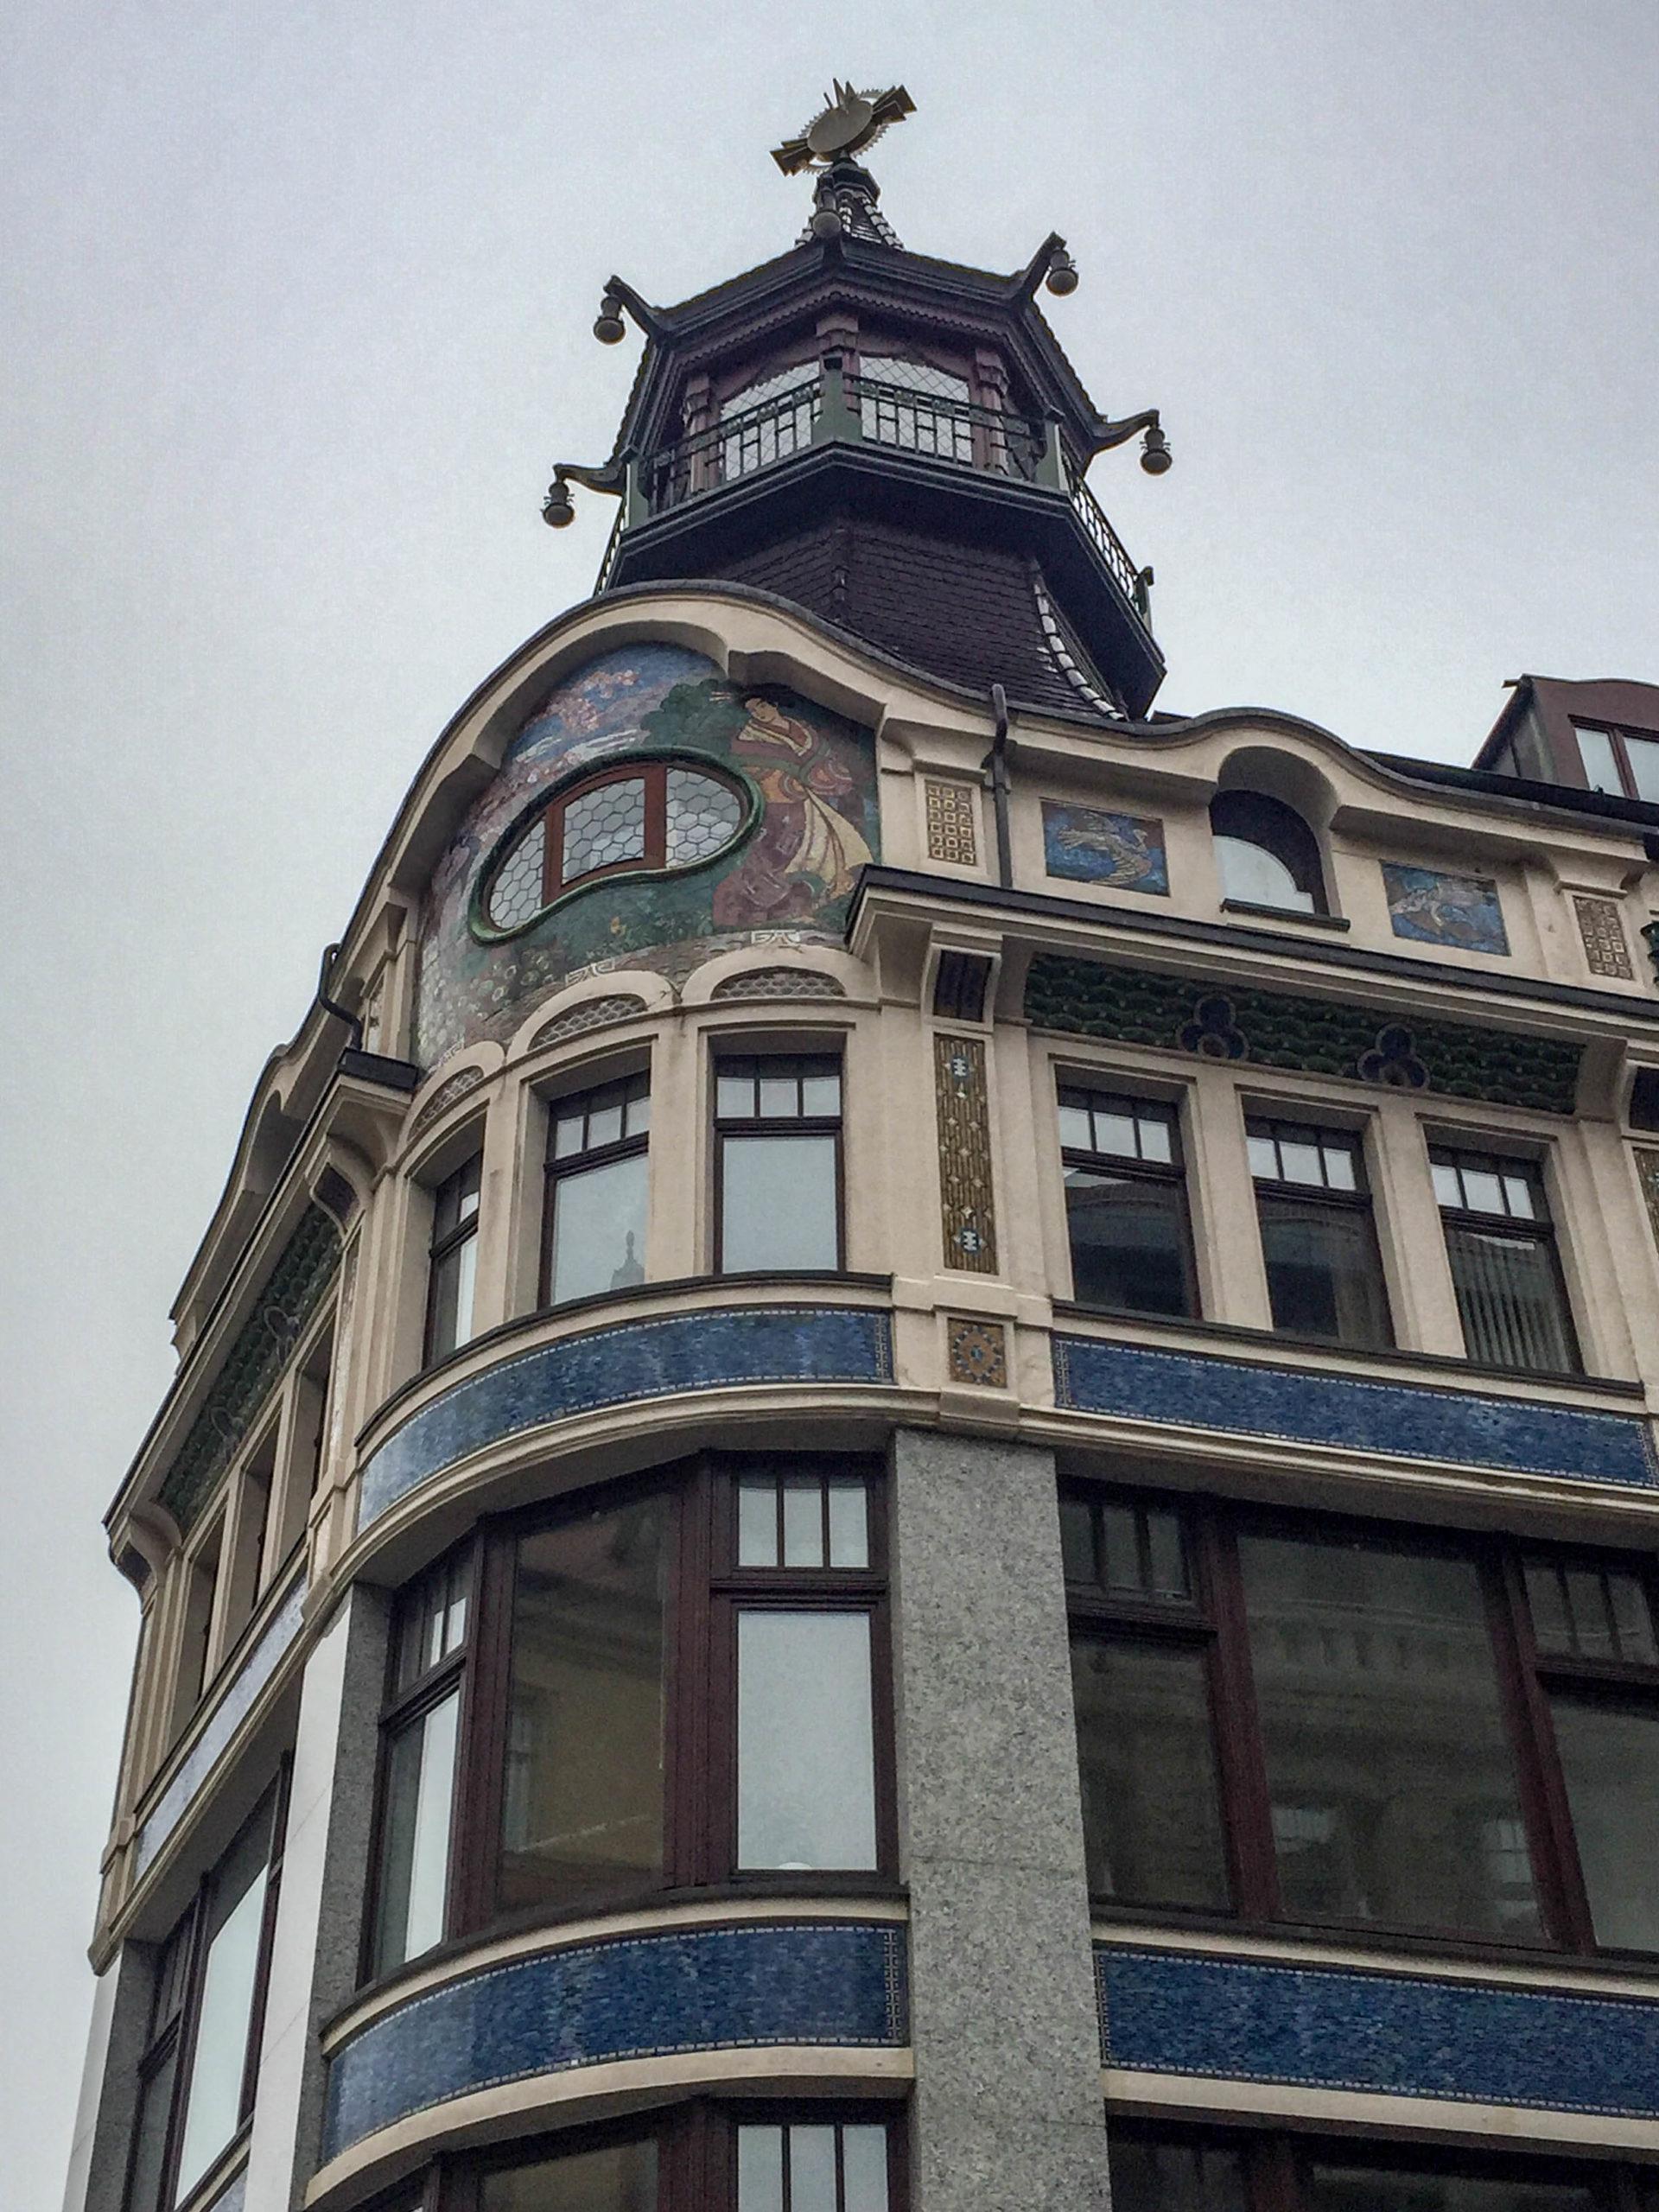 Riquethaus, 1908-1909. Architekt: Paul Lange